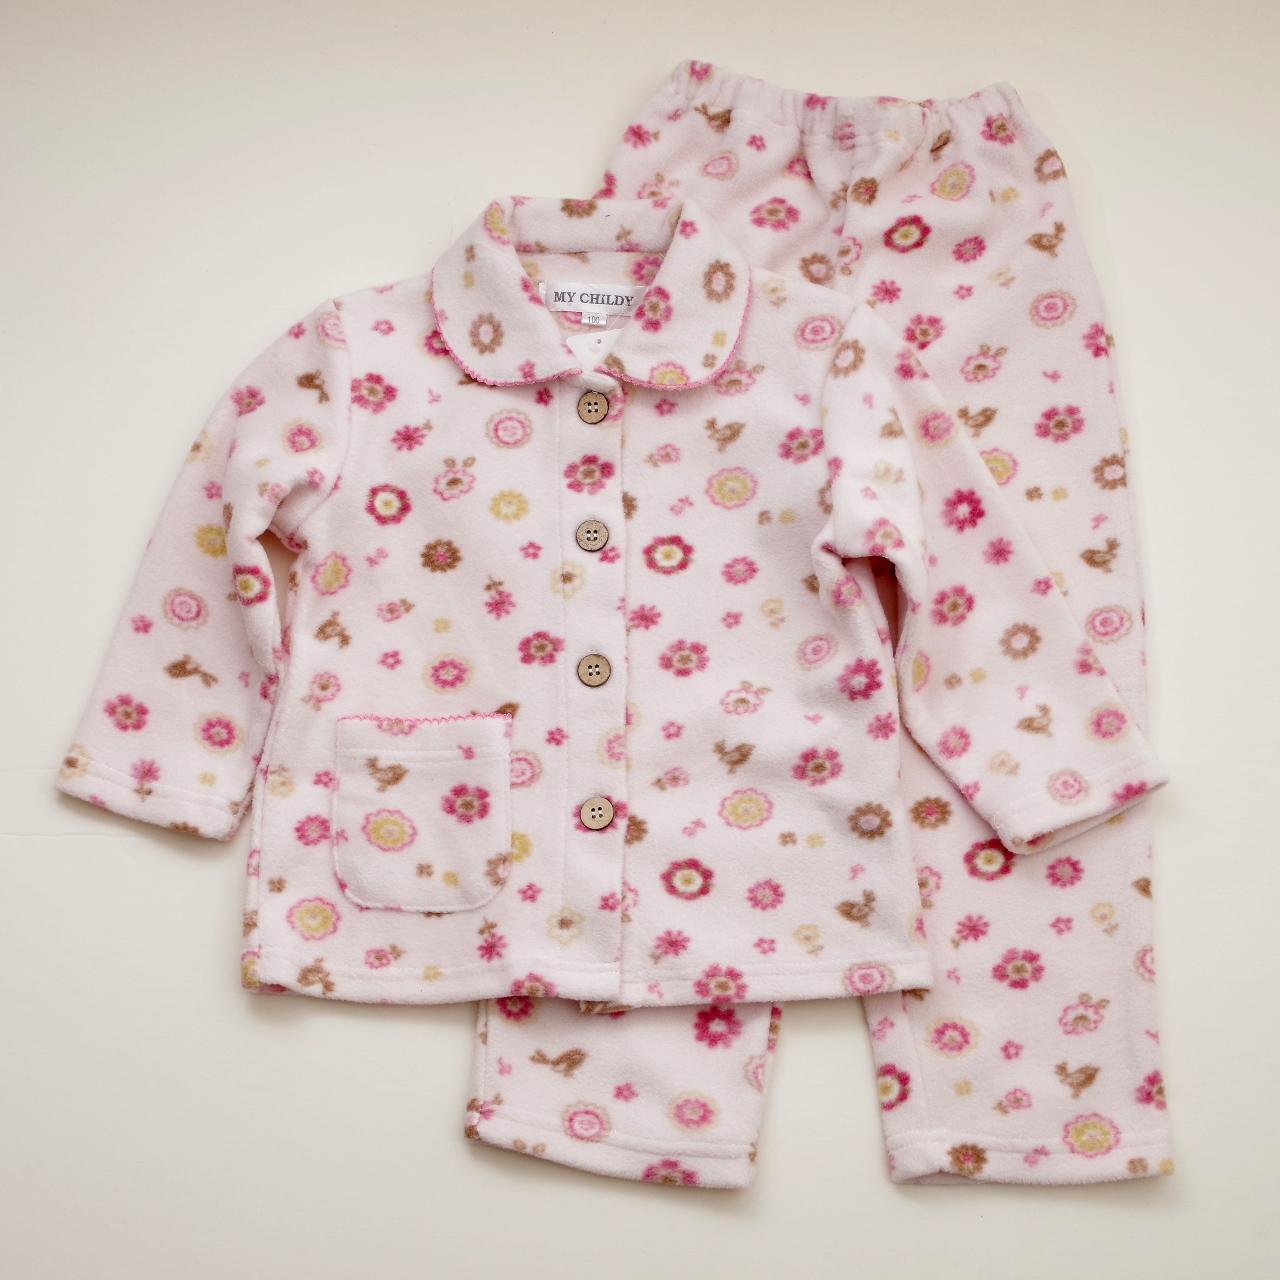 女児 パジャマ 裏綿100% 100cm-150cm (642510)